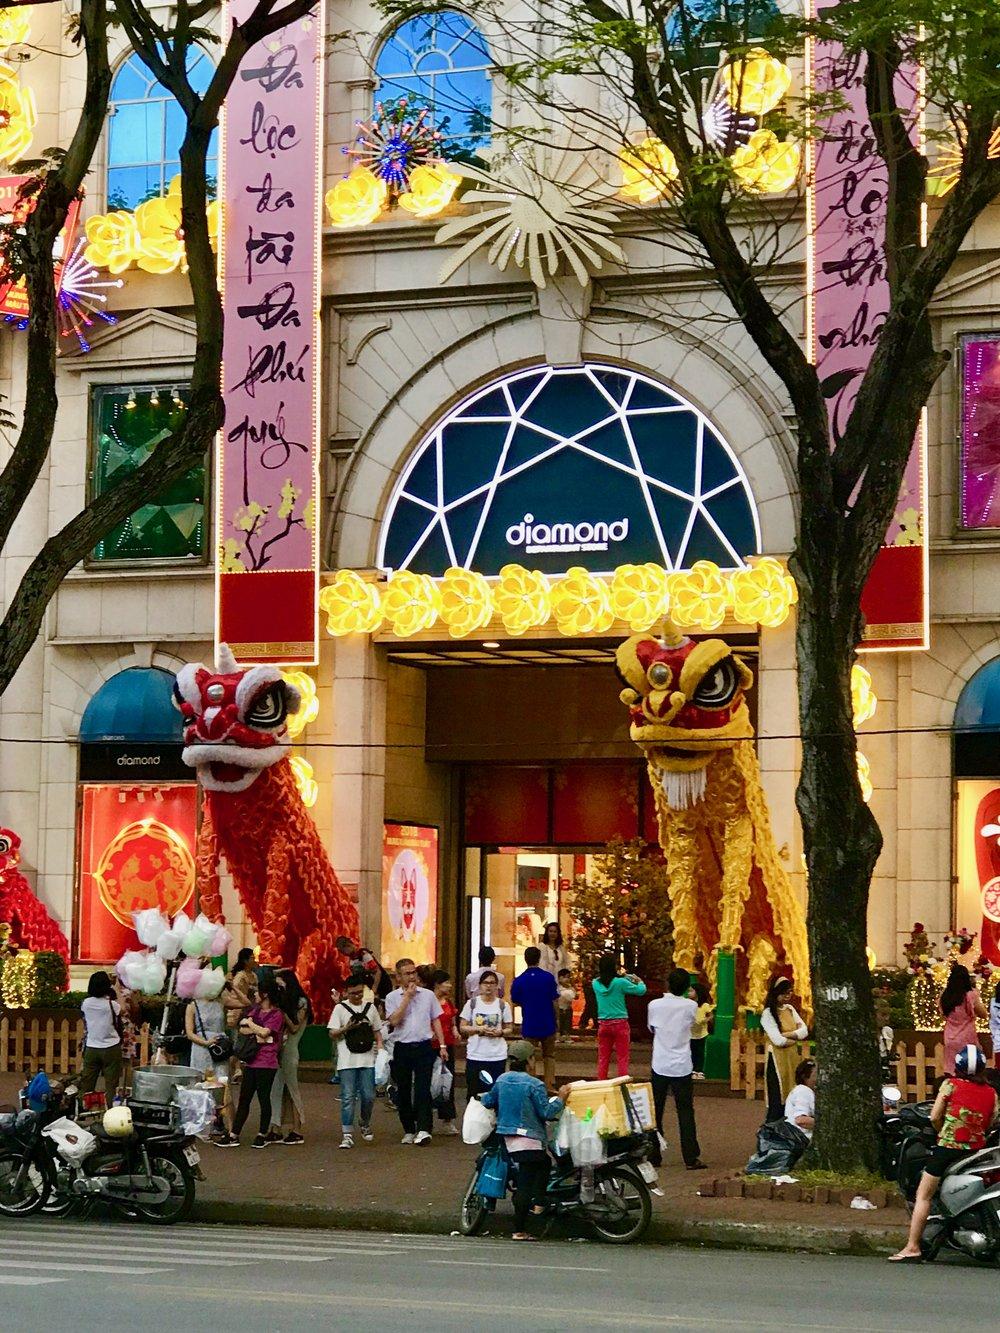 Diamon Dept Store w Dragons & lights.jpg*.jpg